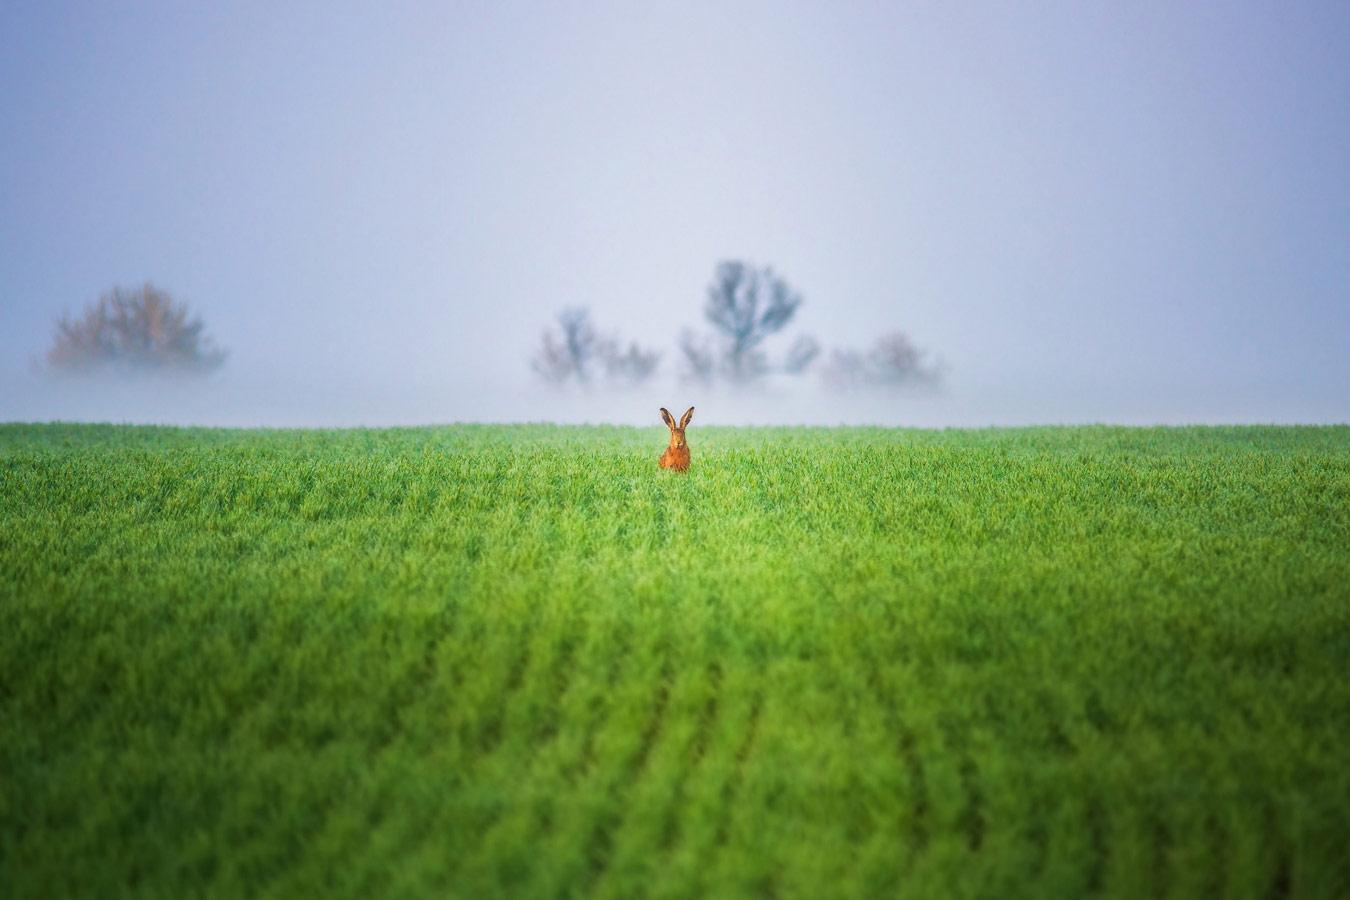 Ну, погоди!, © Василий Яковлев, Животный мир, 1 место - Любители, Фотоконкурс Nikon «Я в сердце изображения»